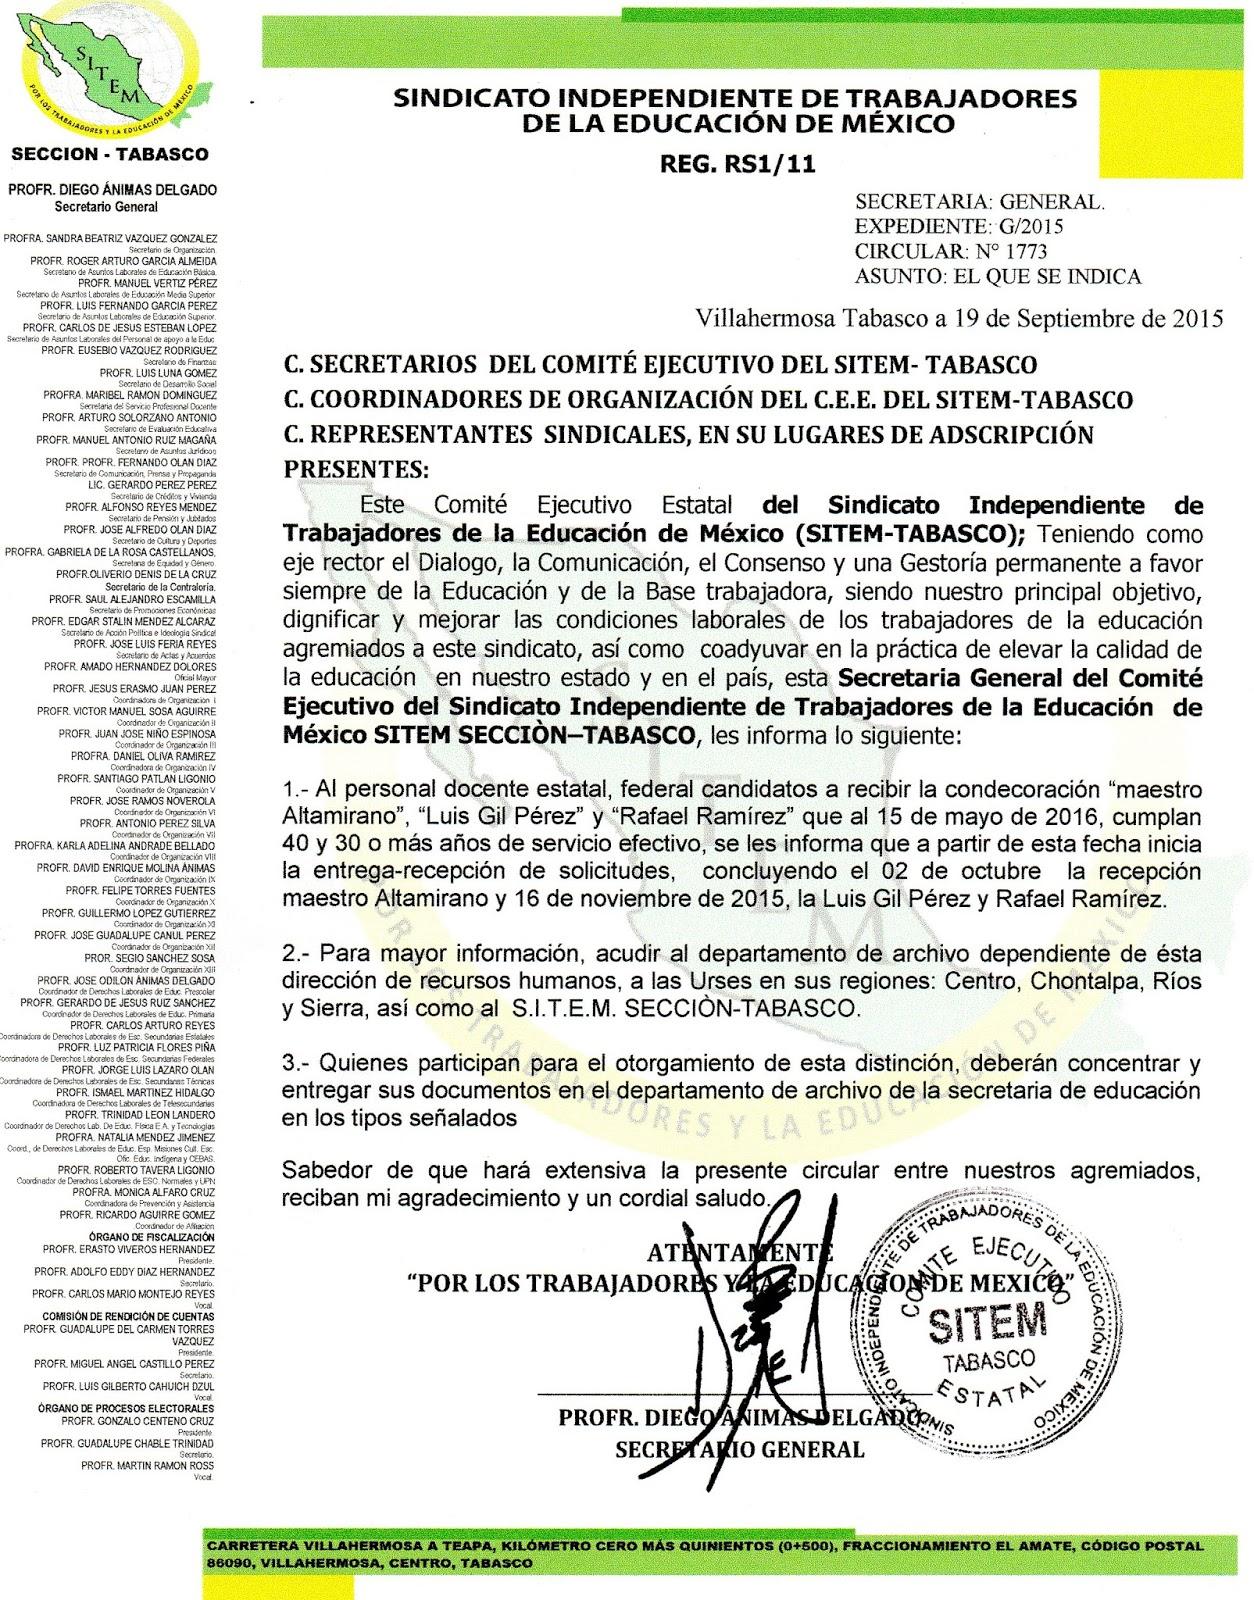 Sitem tabasco circular 1773 convocatoria para los for Convocatoria para docentes